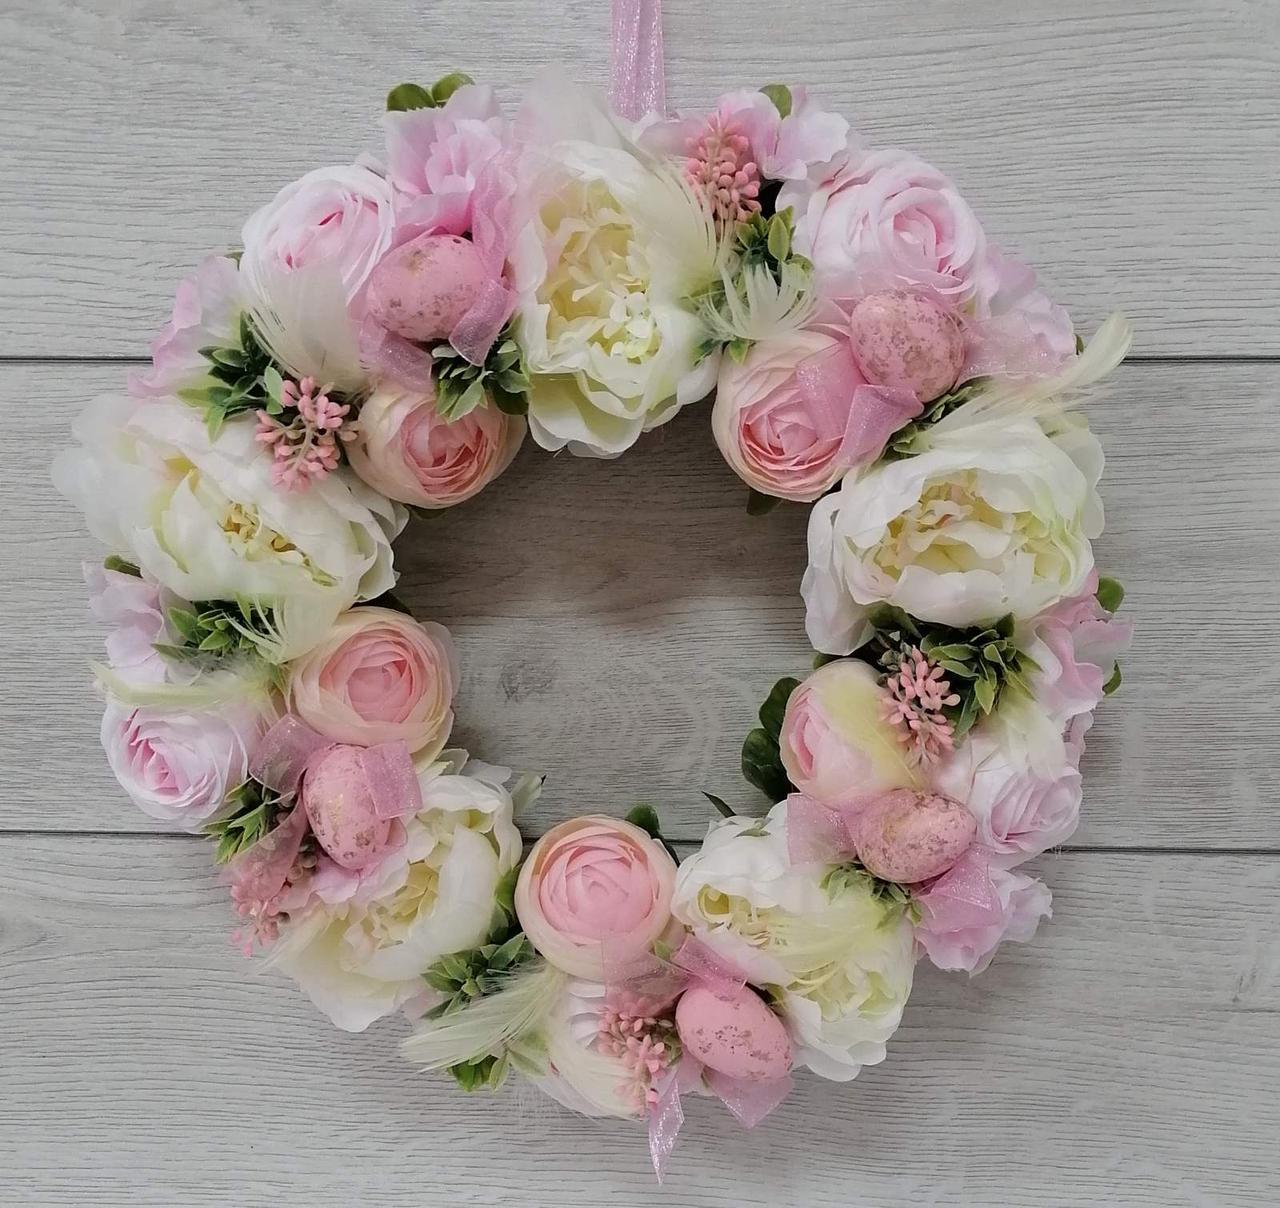 Пасхальный венок Волинські візерунки  на натуральной лозе (нежно-розовый)